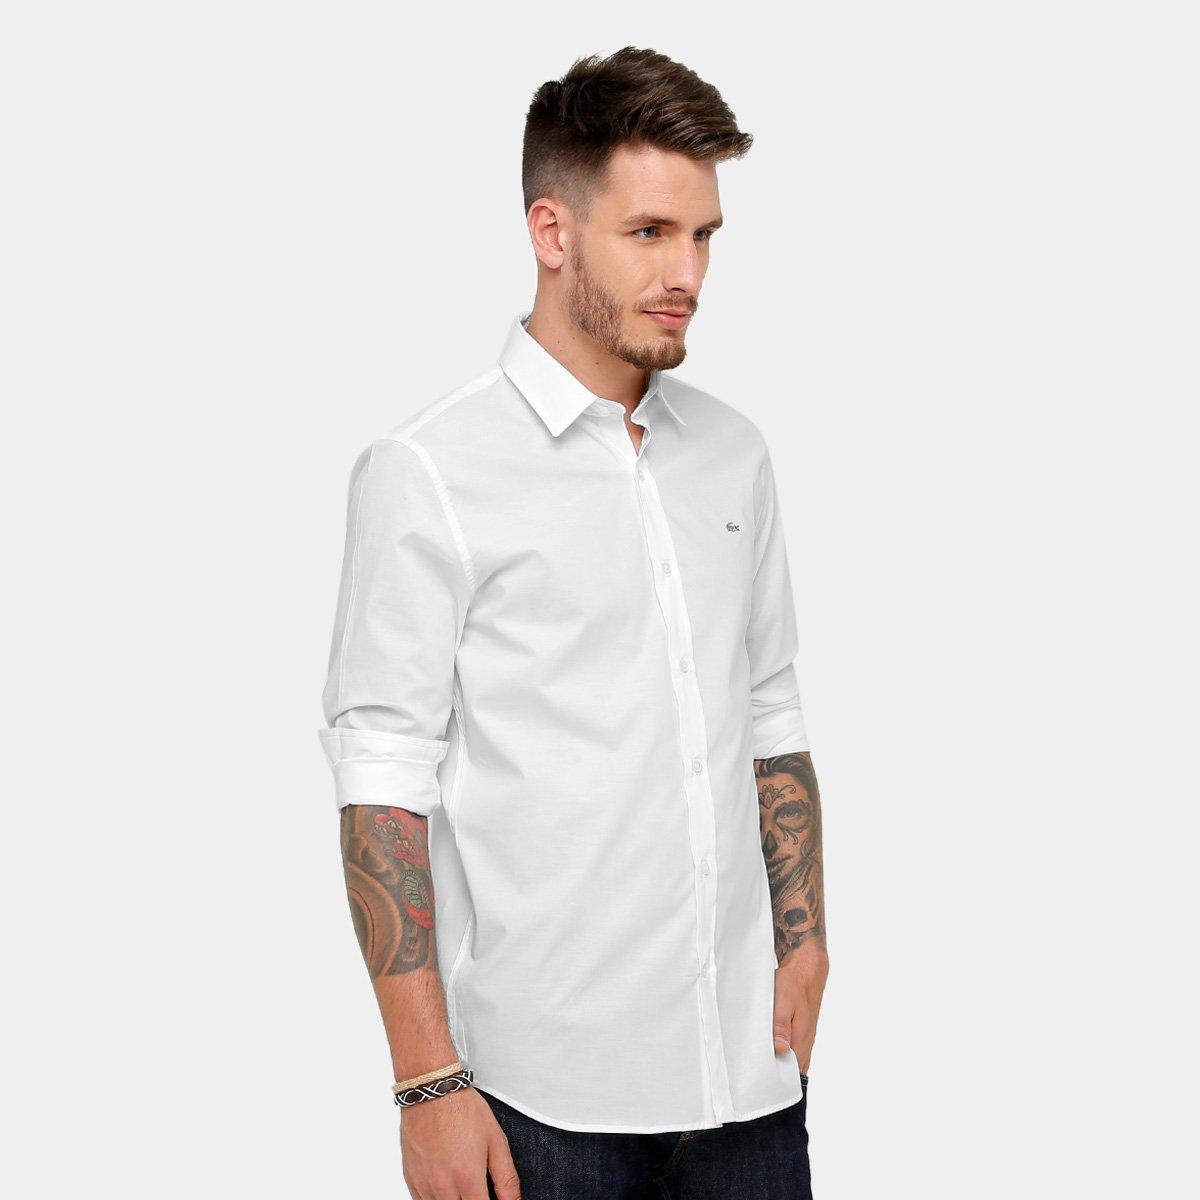 11e5f4def2cb6 Camisa Social Lacoste Slim Fit Lisa Masculina - Compre Agora   Zattini